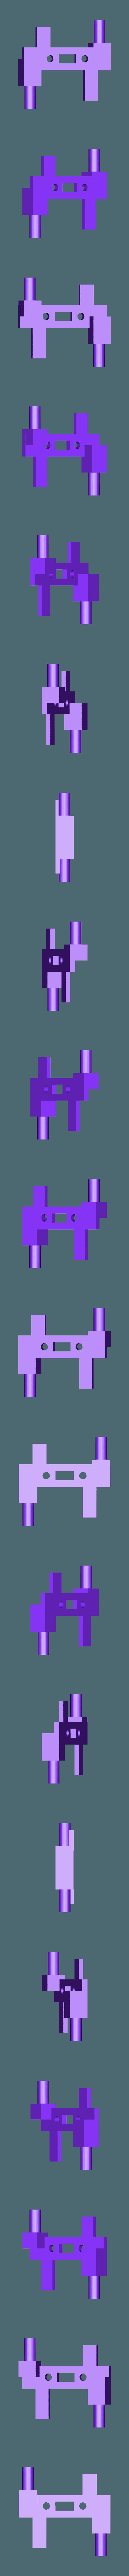 Base.stl Télécharger fichier STL gratuit VOITURE • Objet imprimable en 3D, choimoni